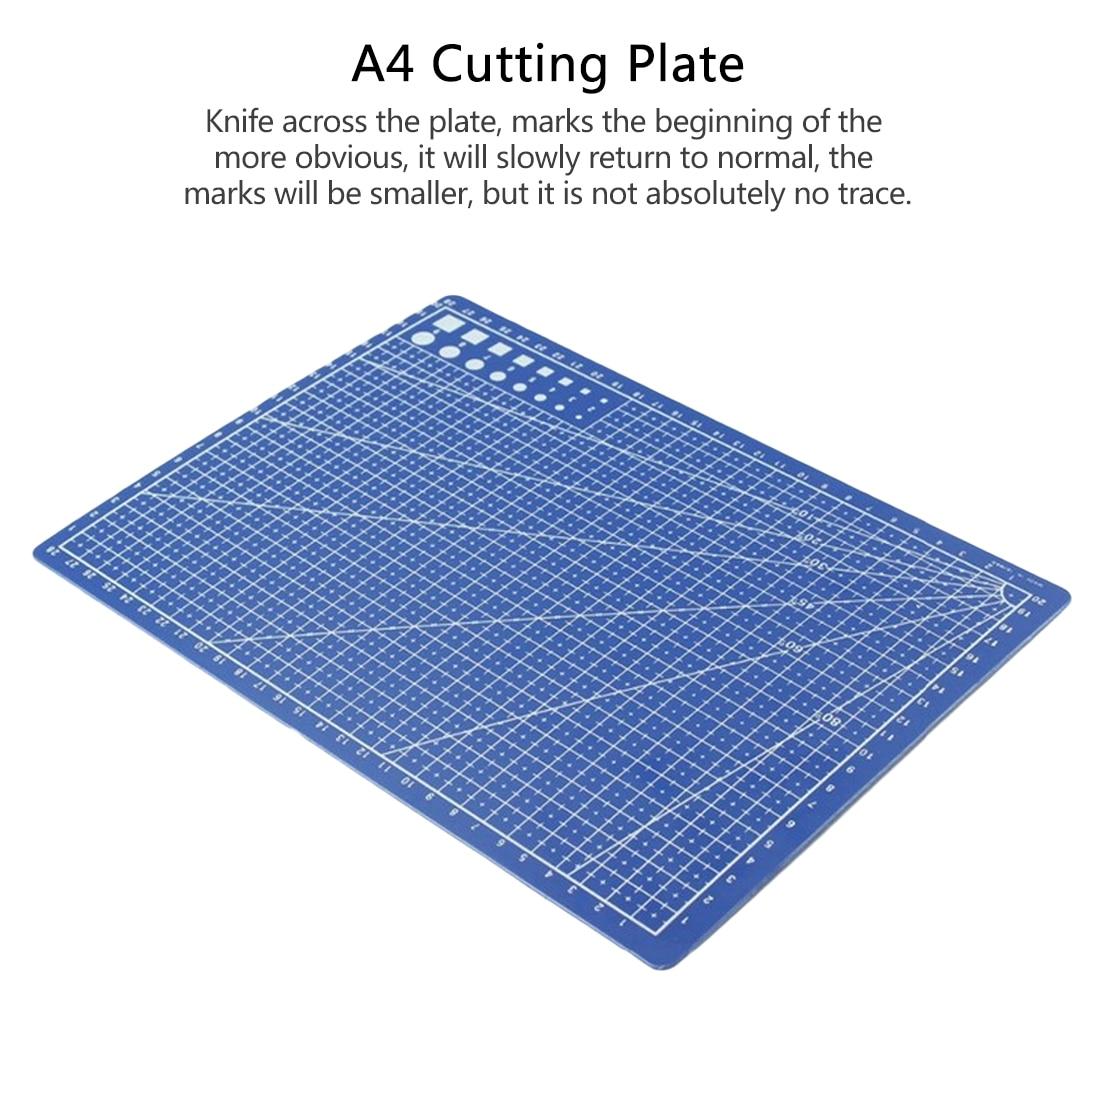 Cutting Plate 1PC A4 Grid Lines Self Healing Cutting Mat Craft Card Paper Board 30 X 22cm Blue